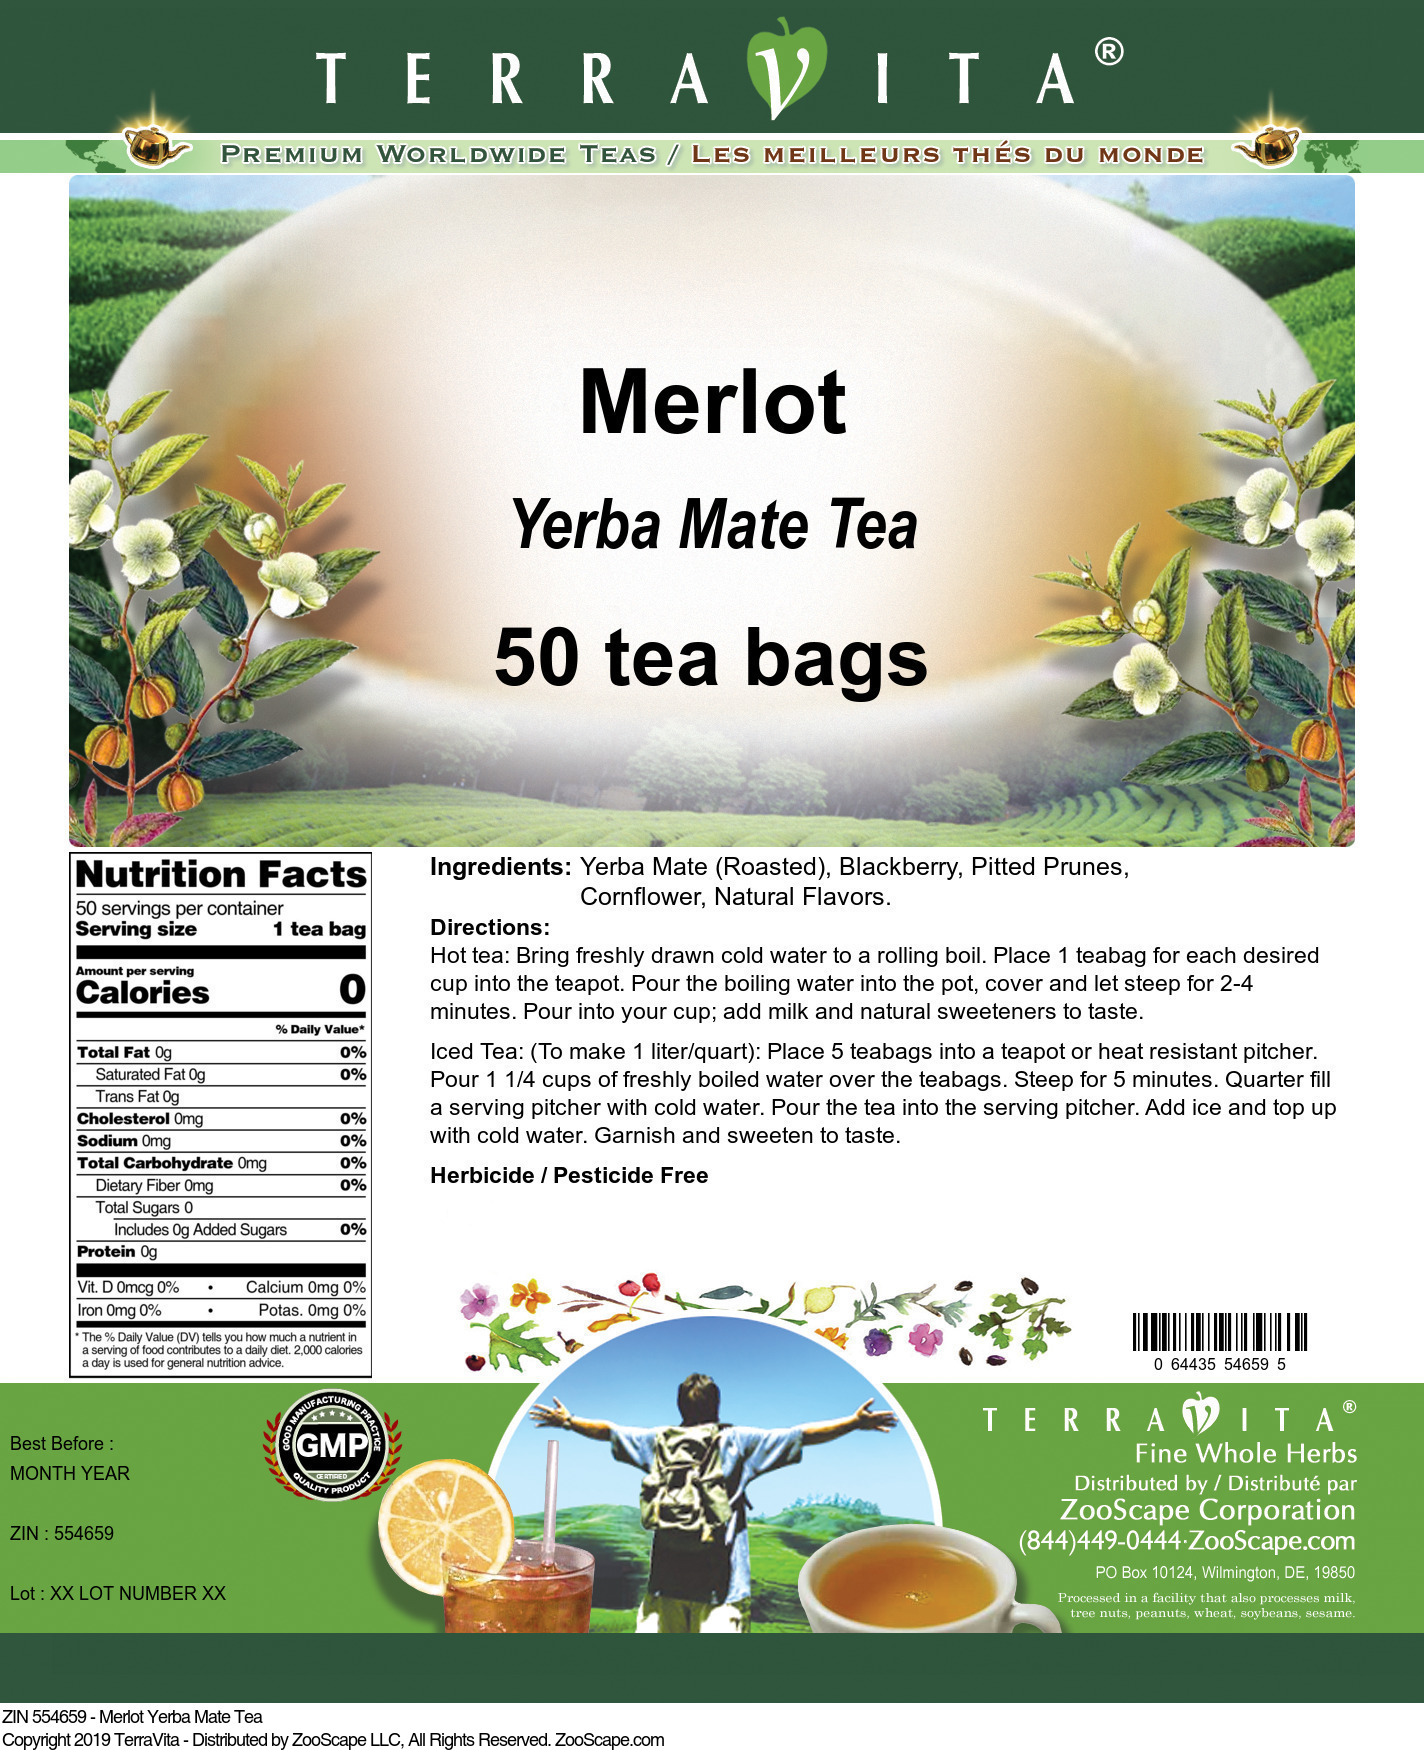 Merlot Yerba Mate